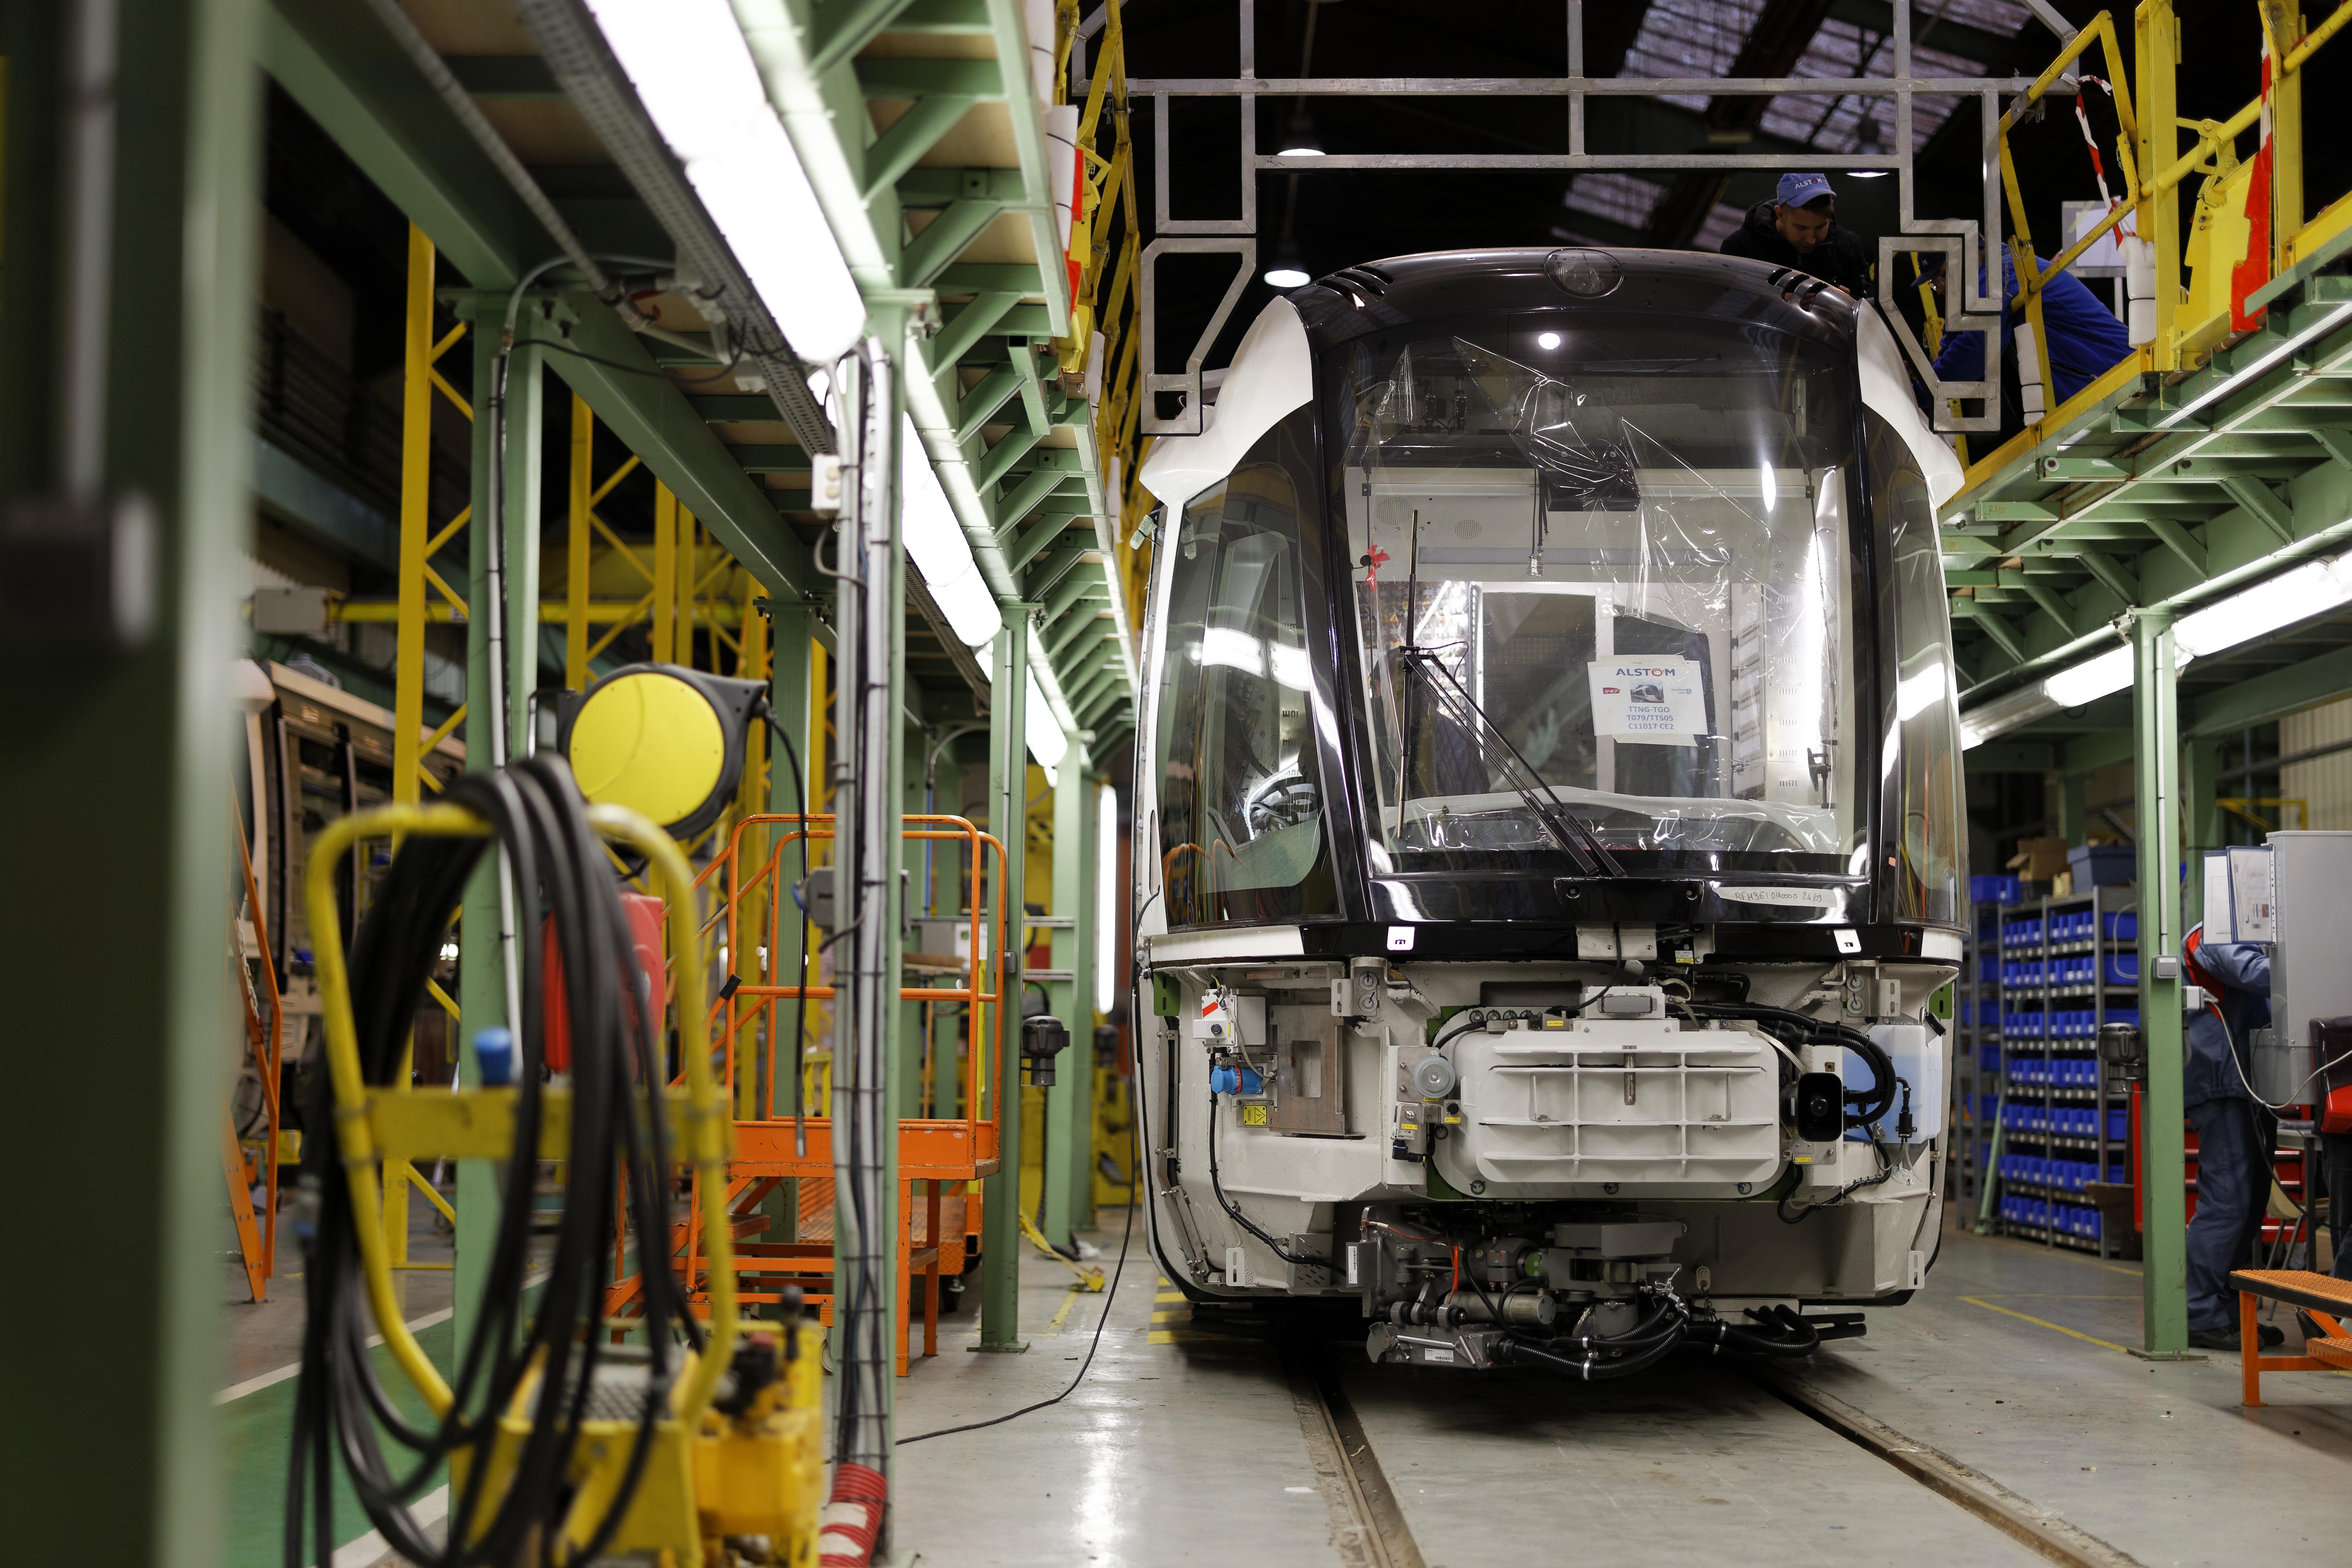 Rame en construction dans les ateliers Alstom